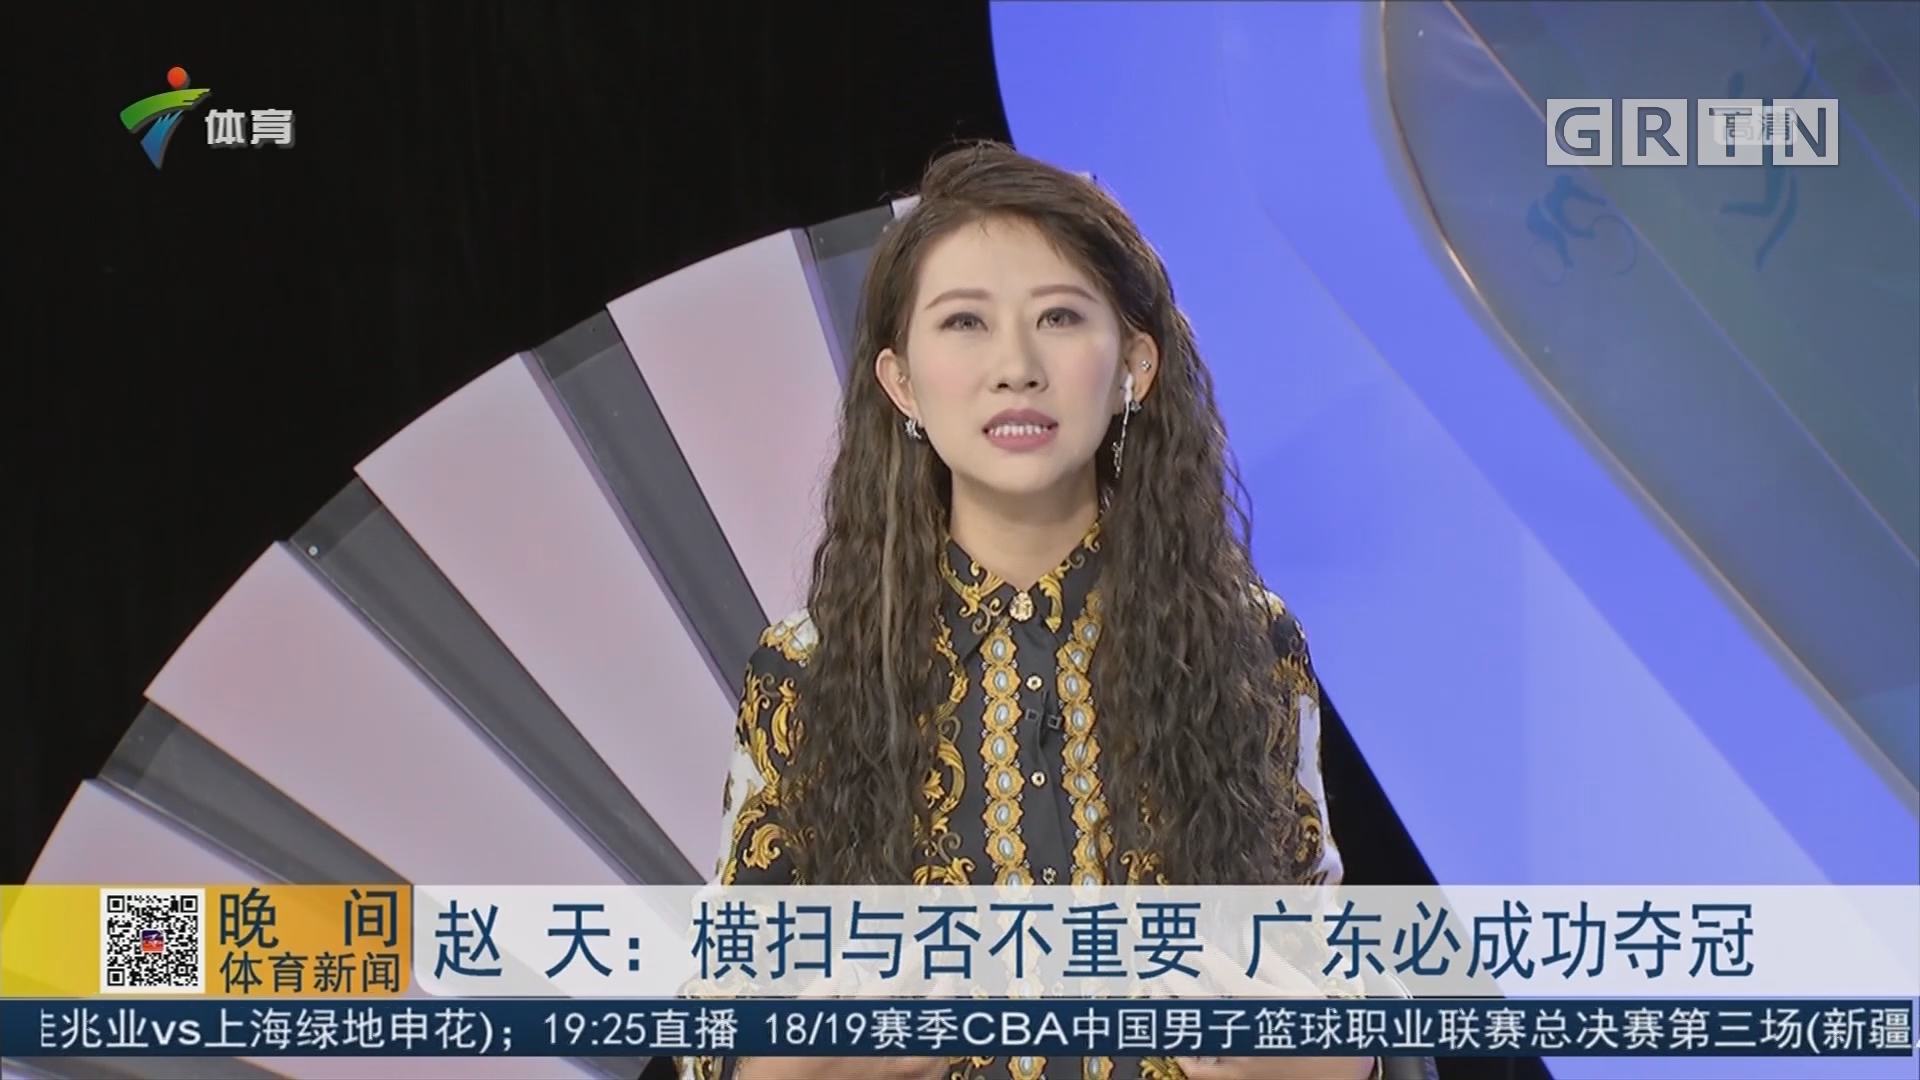 赵天:横扫与否不重要 广东必成功夺冠